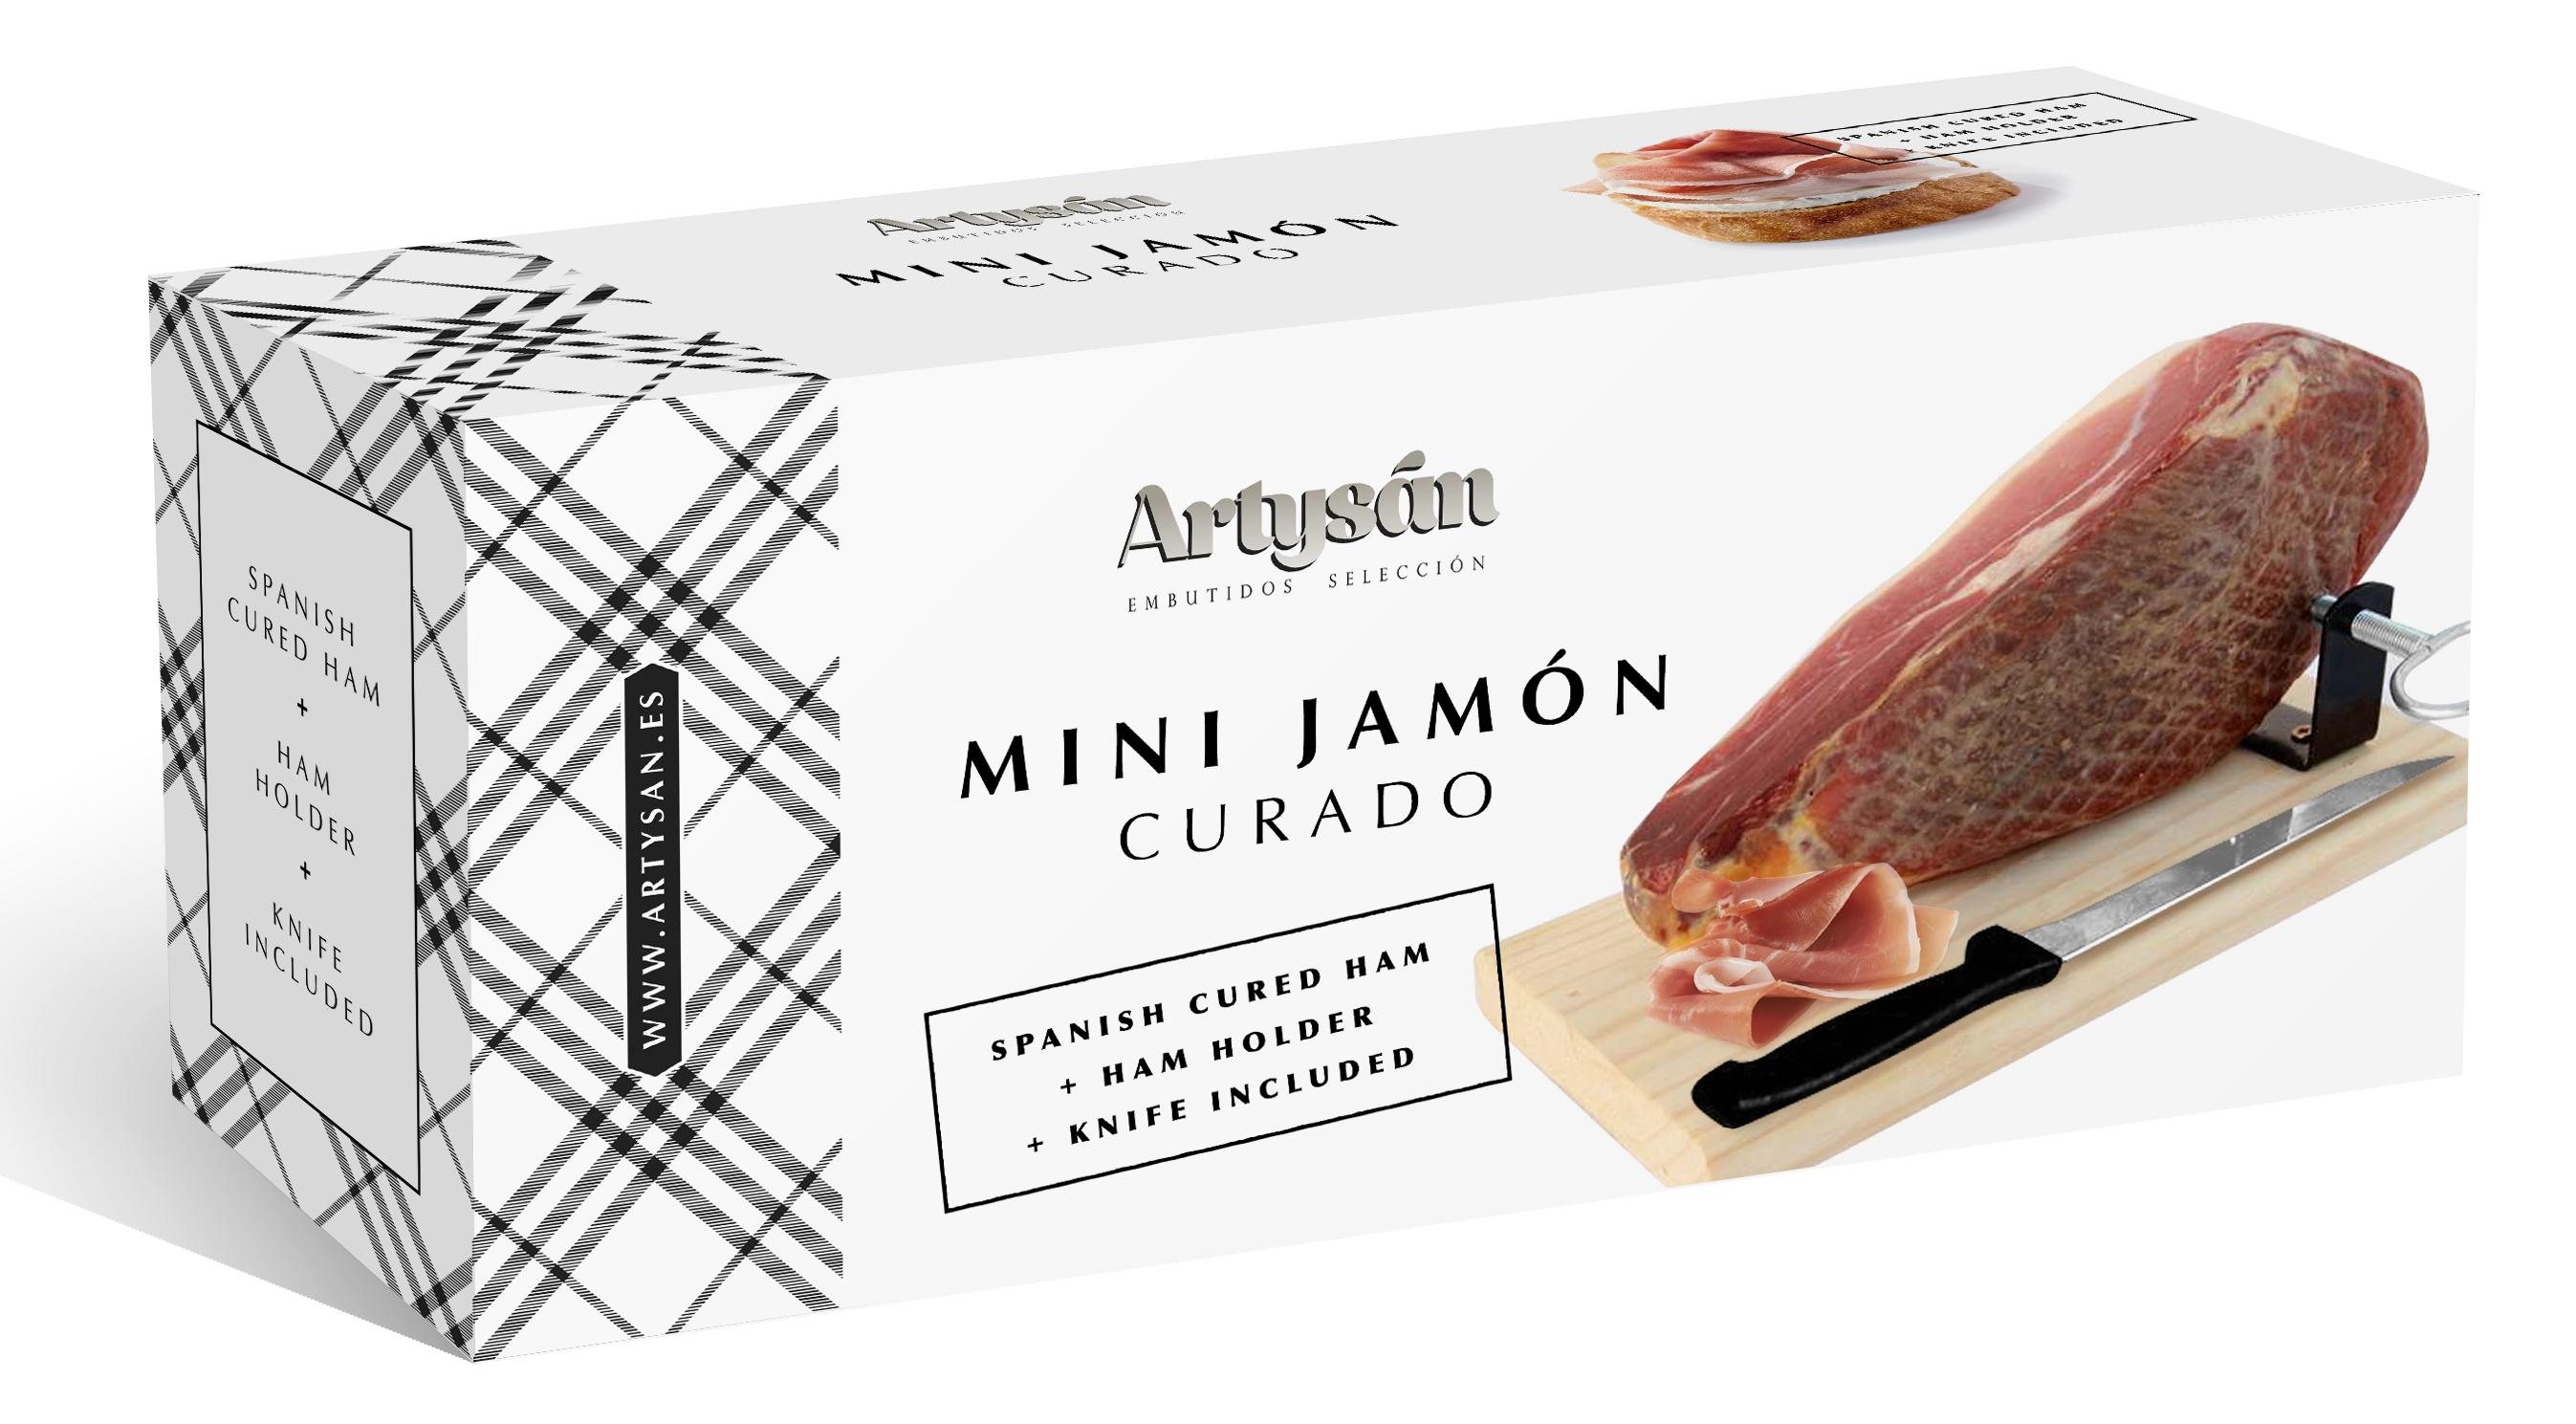 Mini Cured Ham Artys 225 N Ham Stand Knife 1 Kg